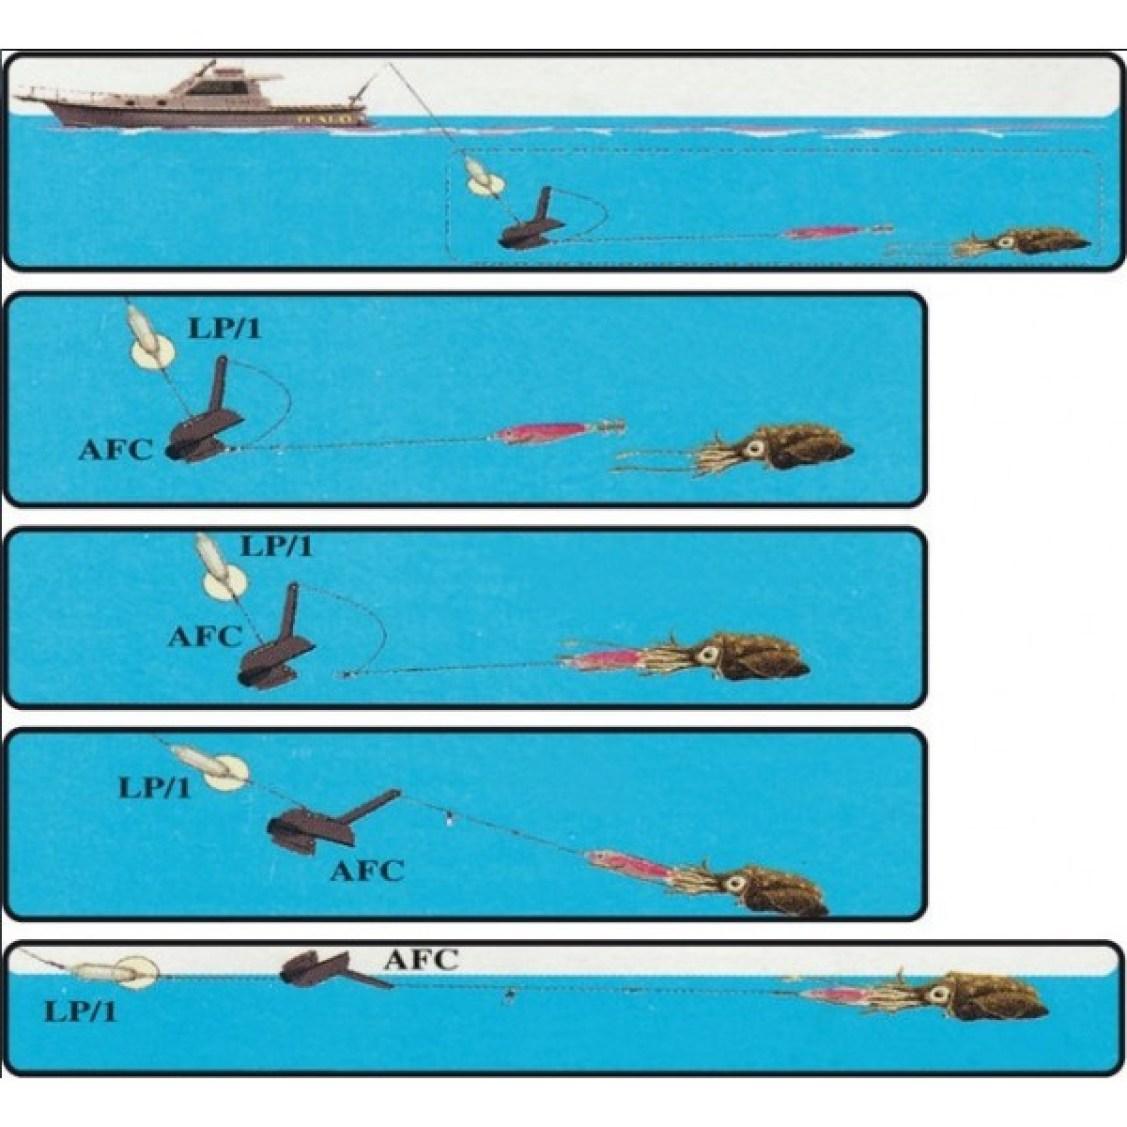 ecco come si comporta l'affondatore della Kristal (e anche gli altri) al momento dell'attacco del calamaro